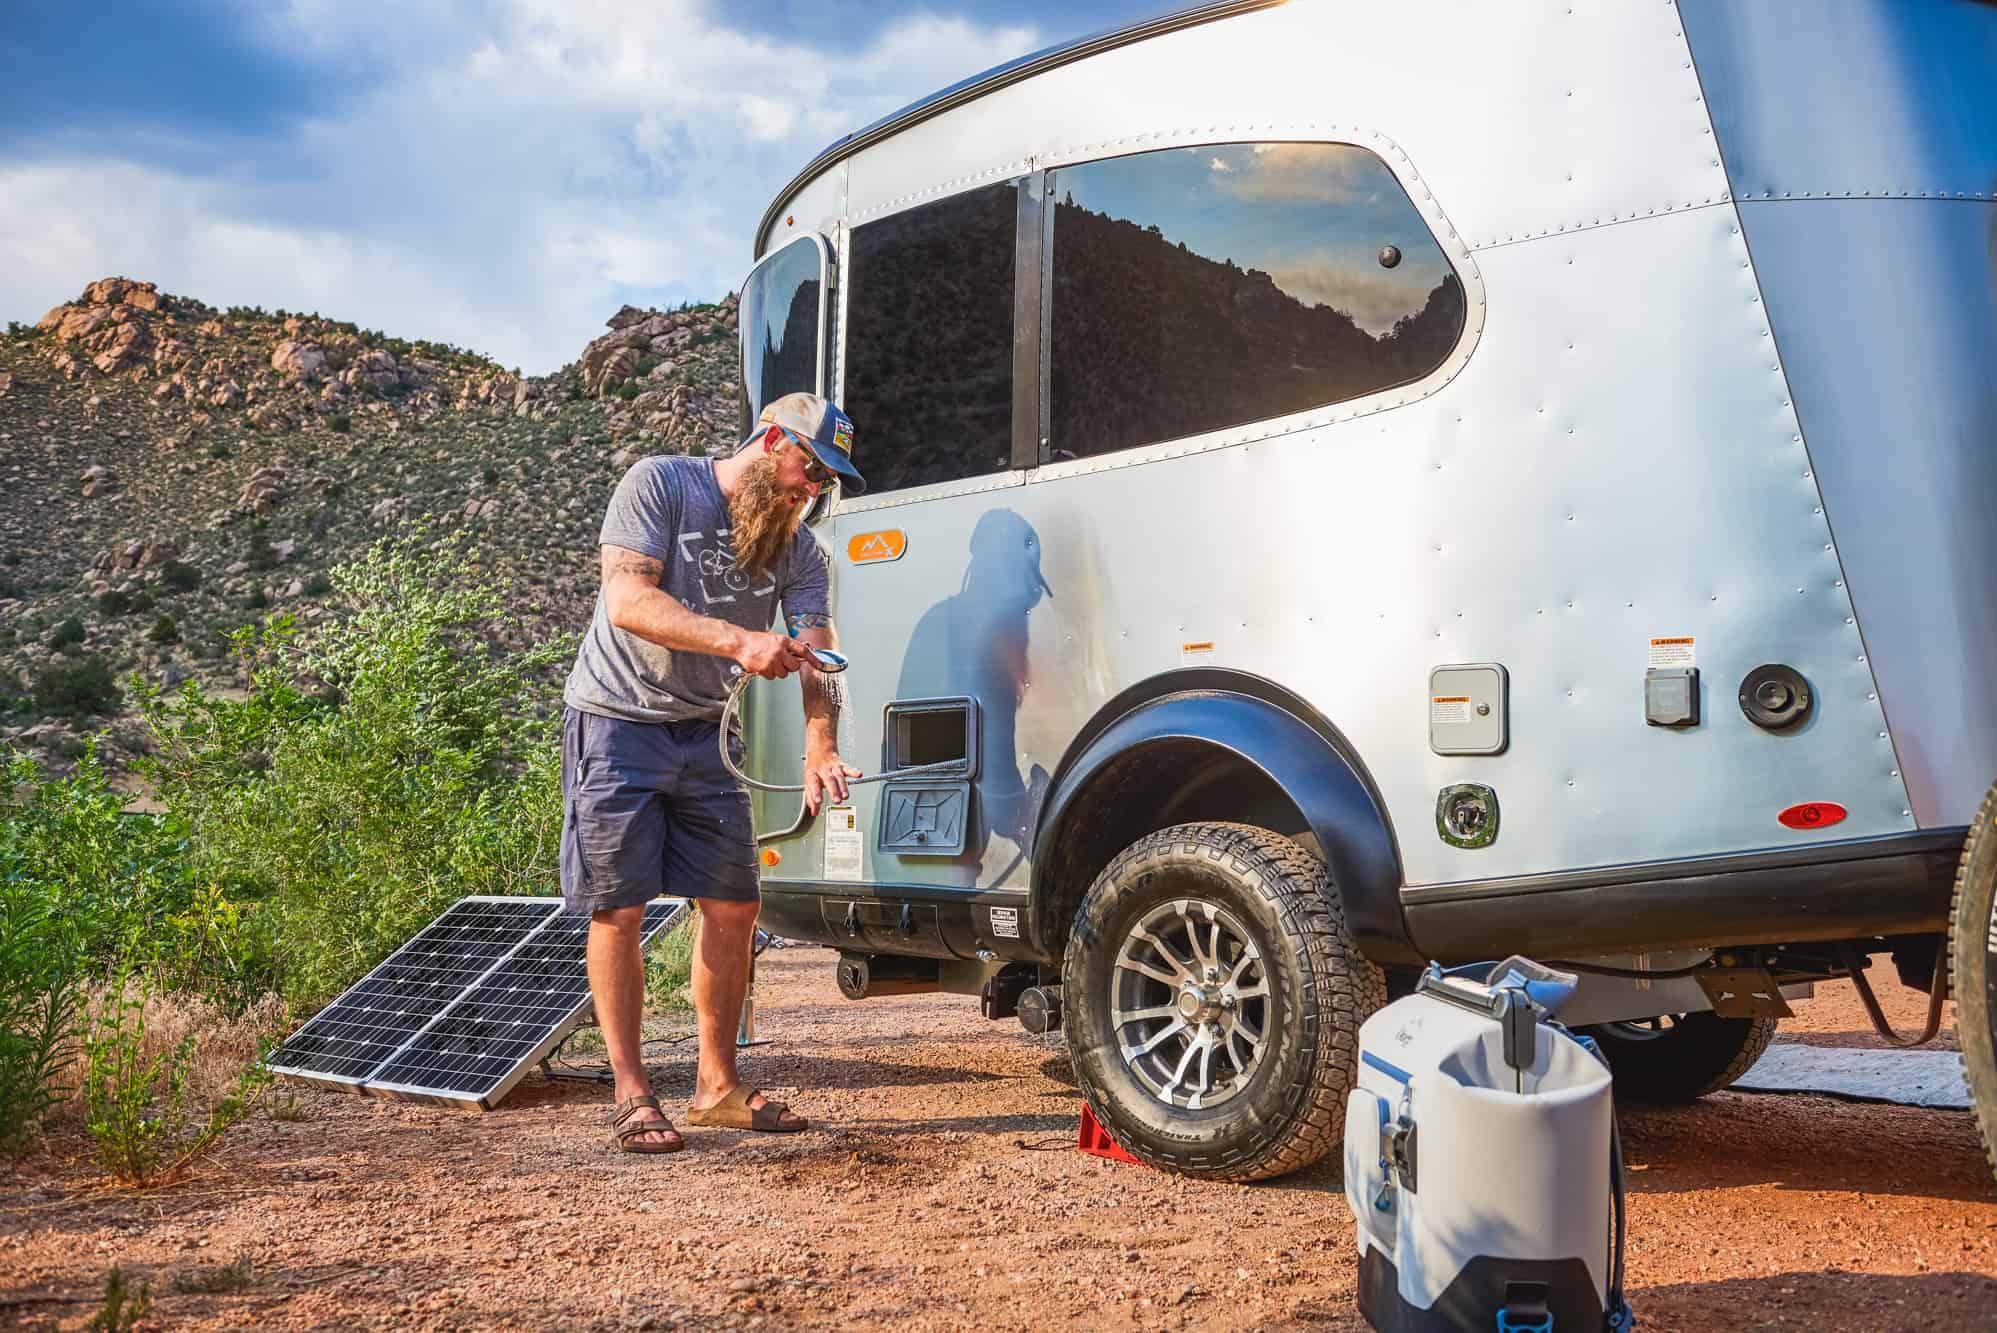 Airstream Basecamp X Off-Road Camper